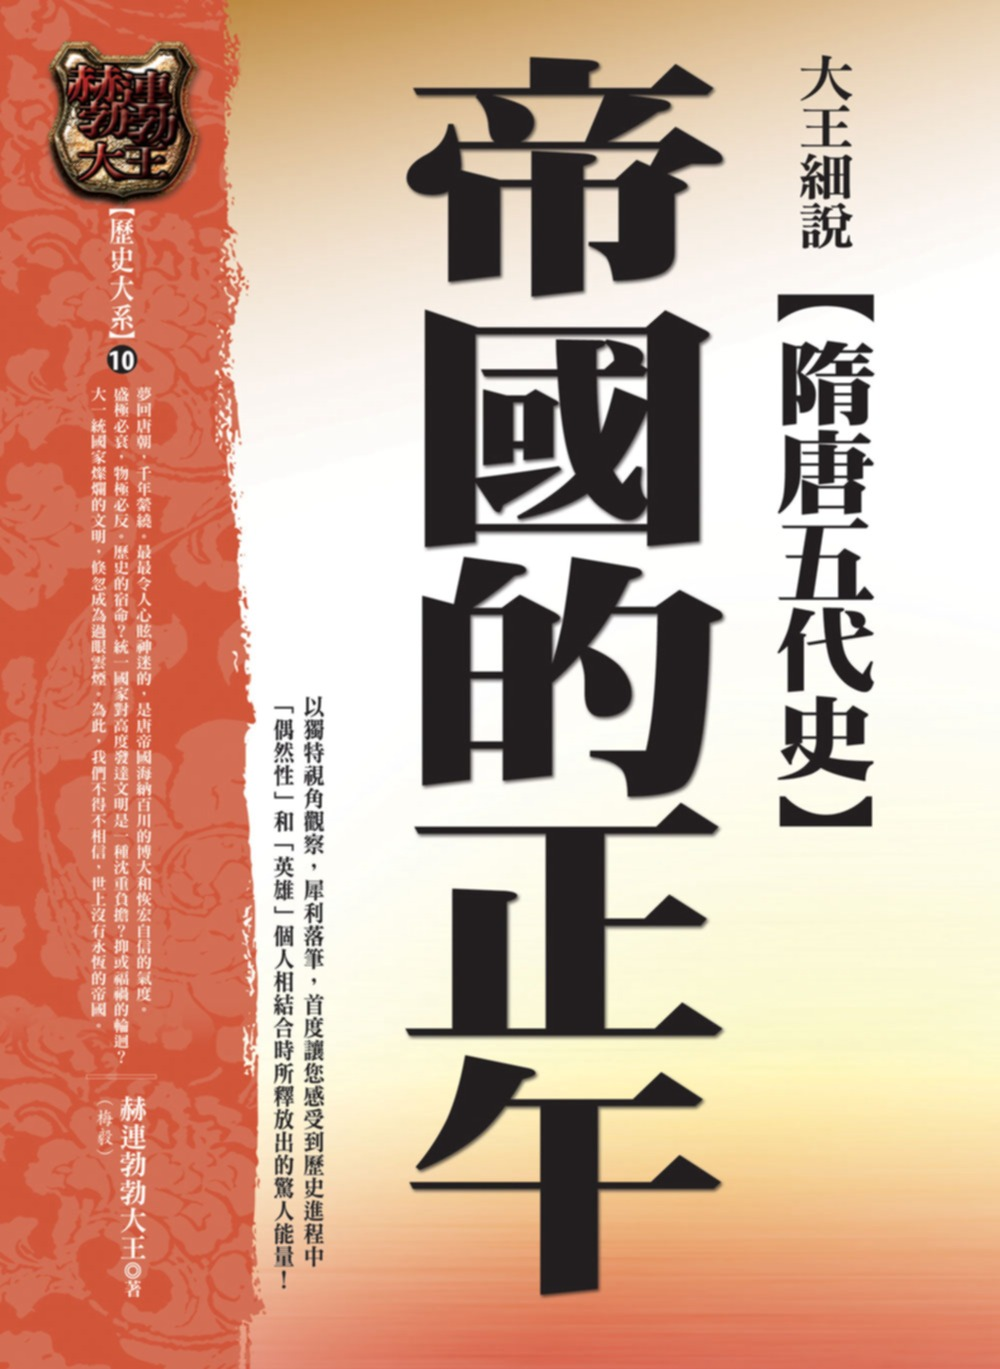 大王細說隋唐五代史:帝國的正午